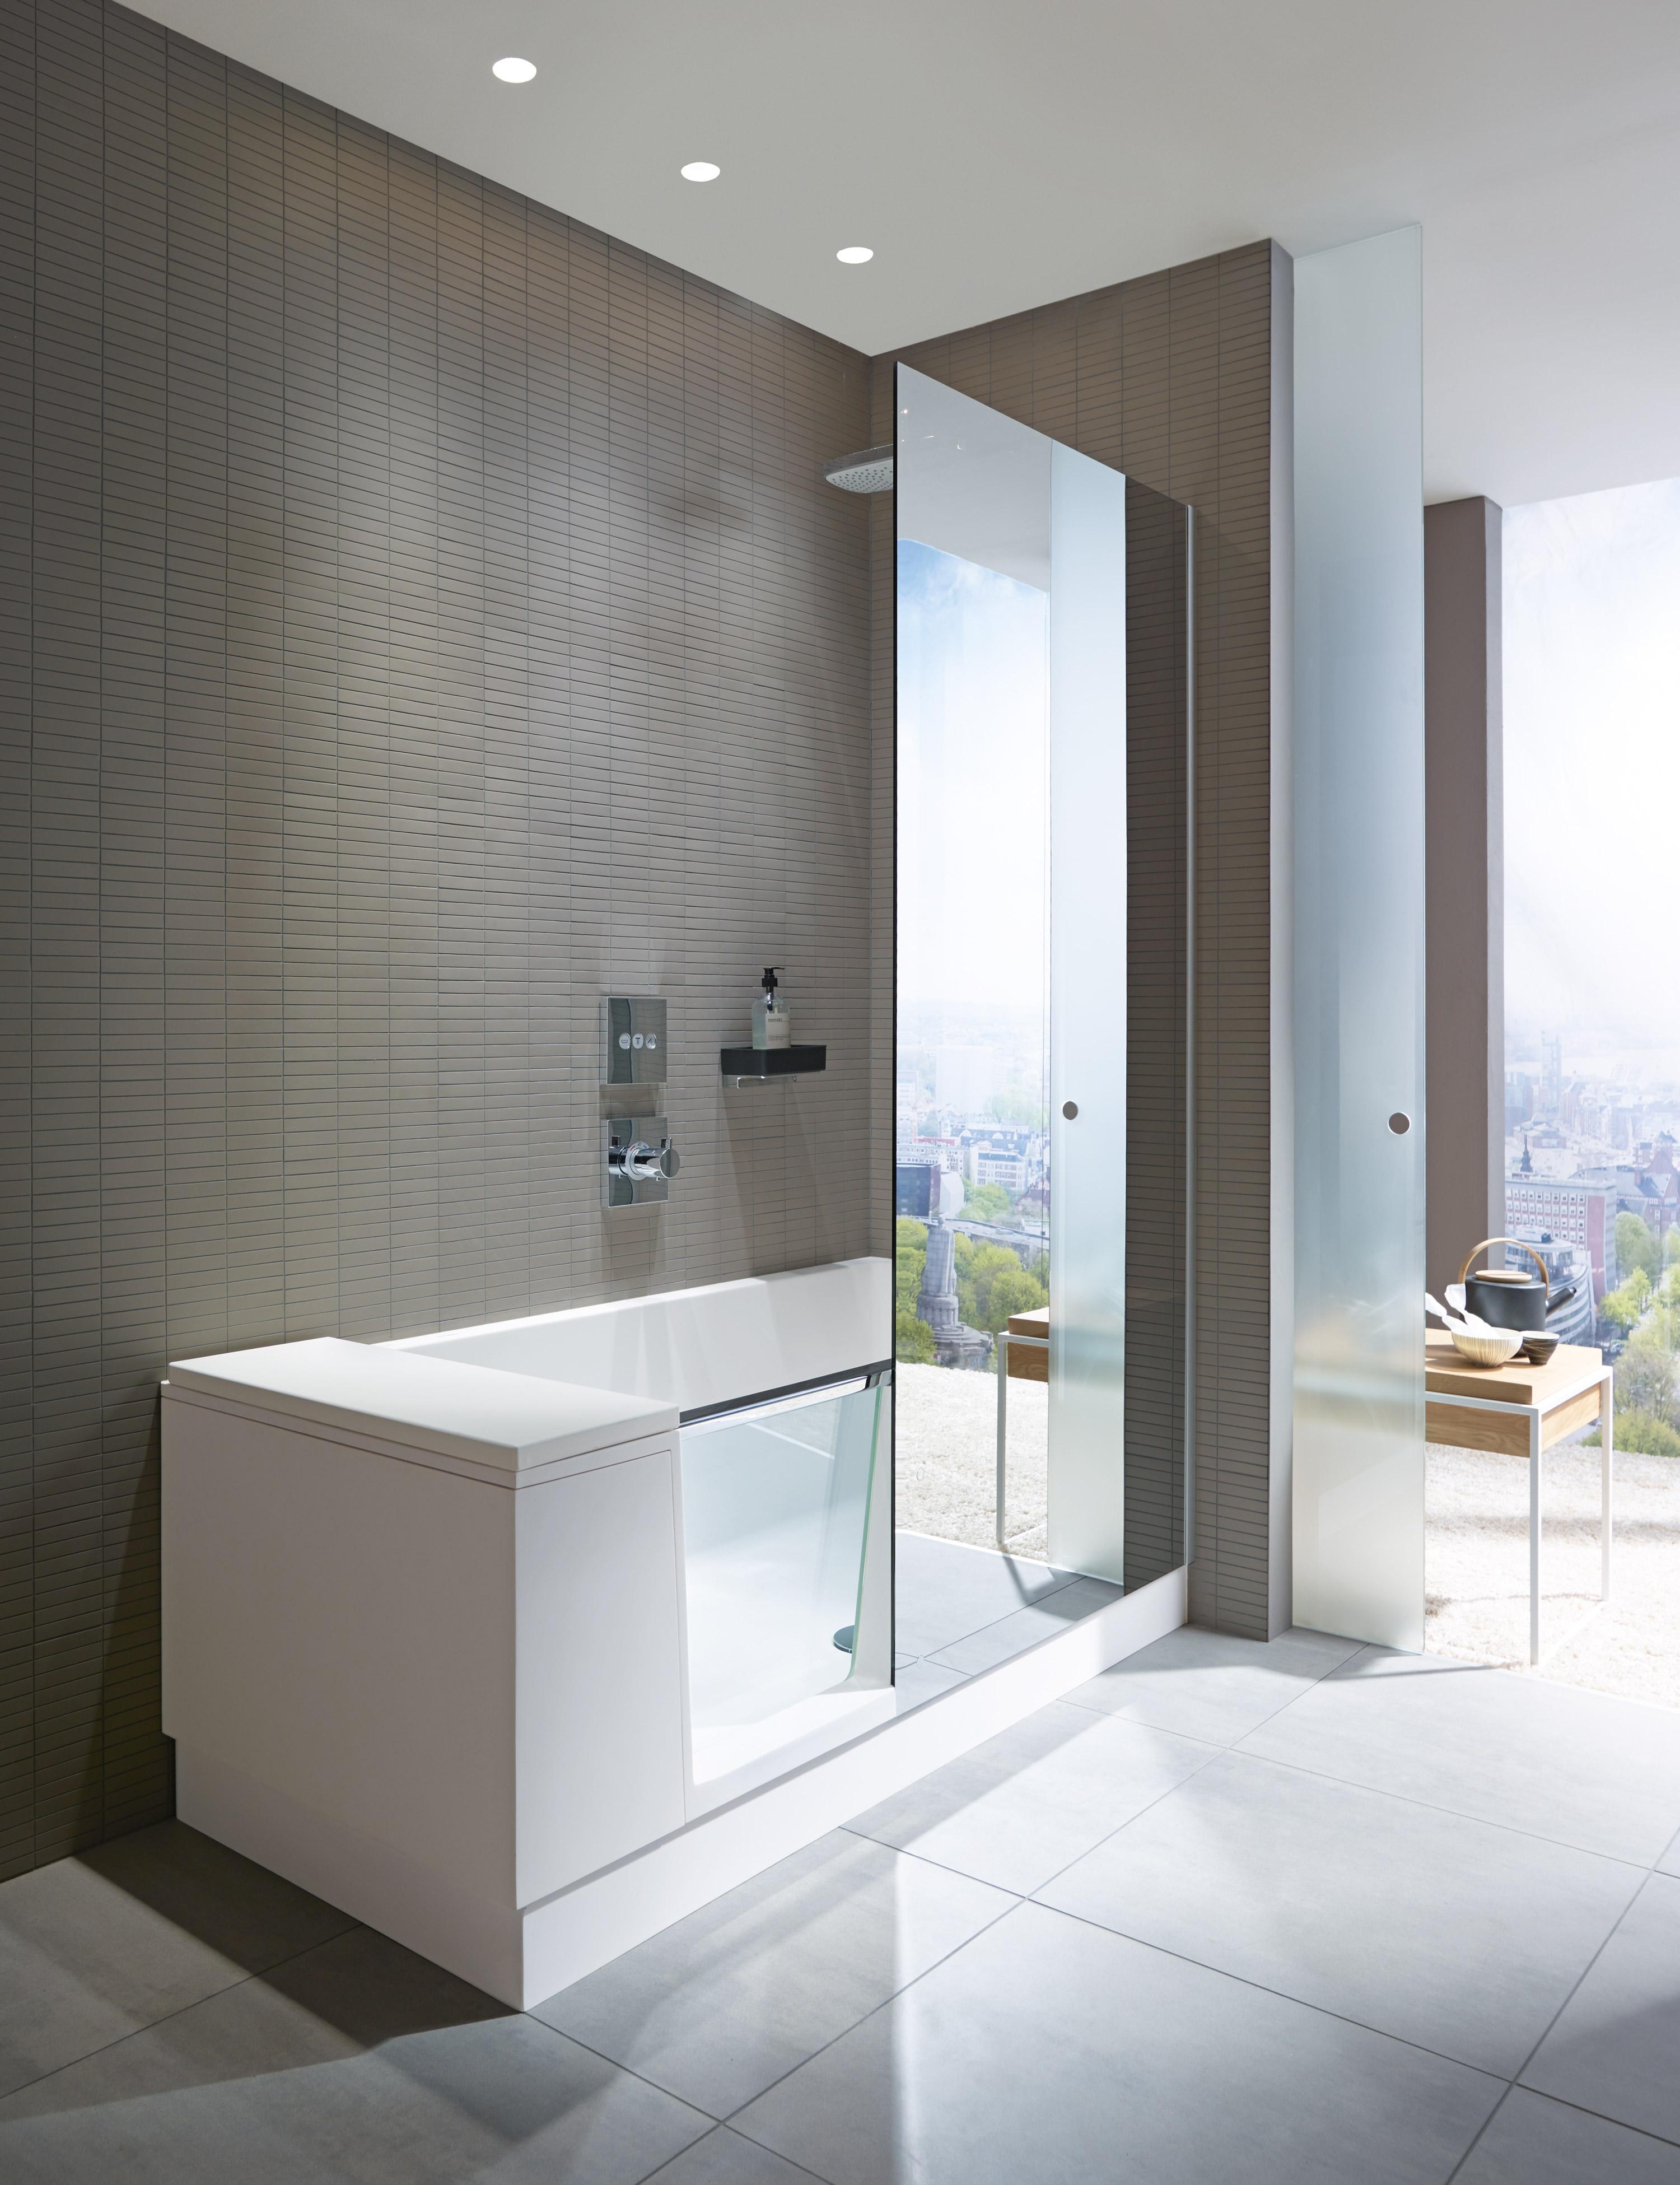 fabulous ab und kann wahlweise auch mit dem kombiniert werden so ist kein zustzlicher an der wanne notwendig with dusch badewanne